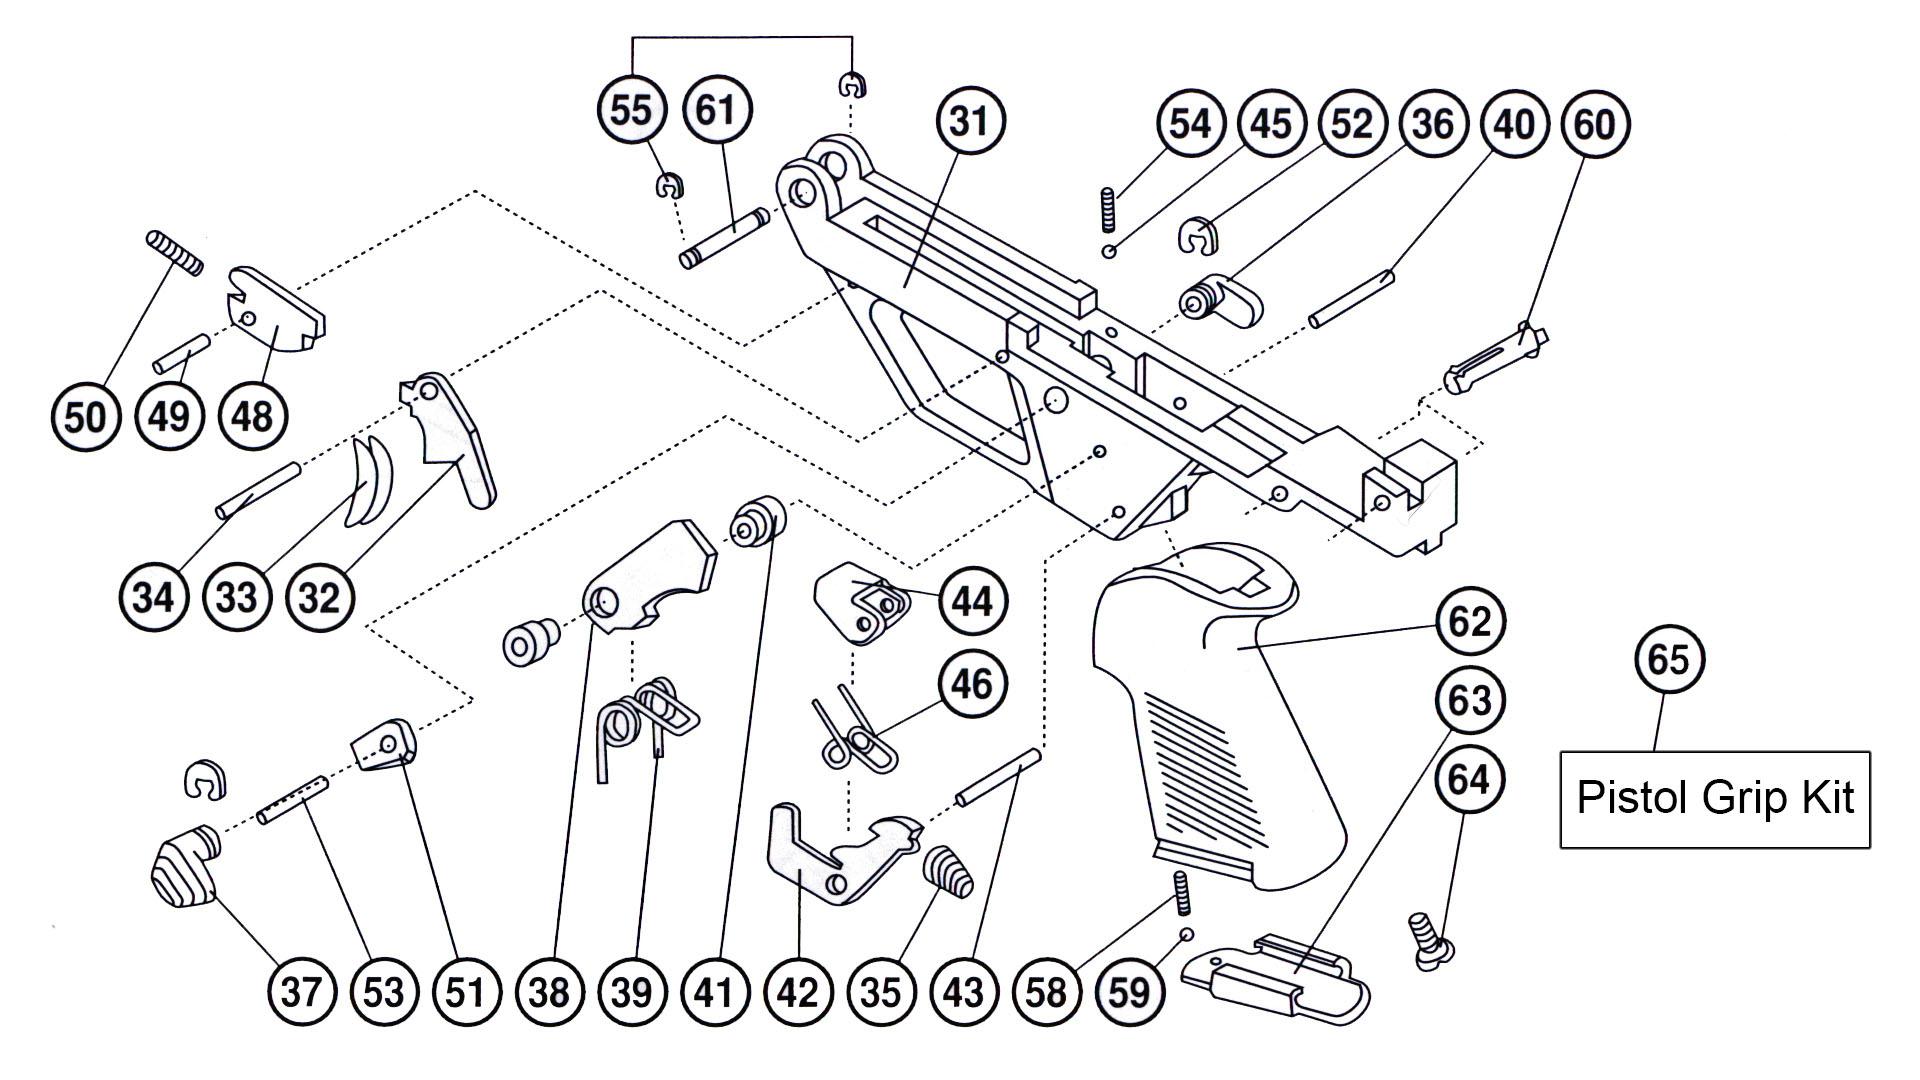 M-100 Lower Receiver Parts Breakdown